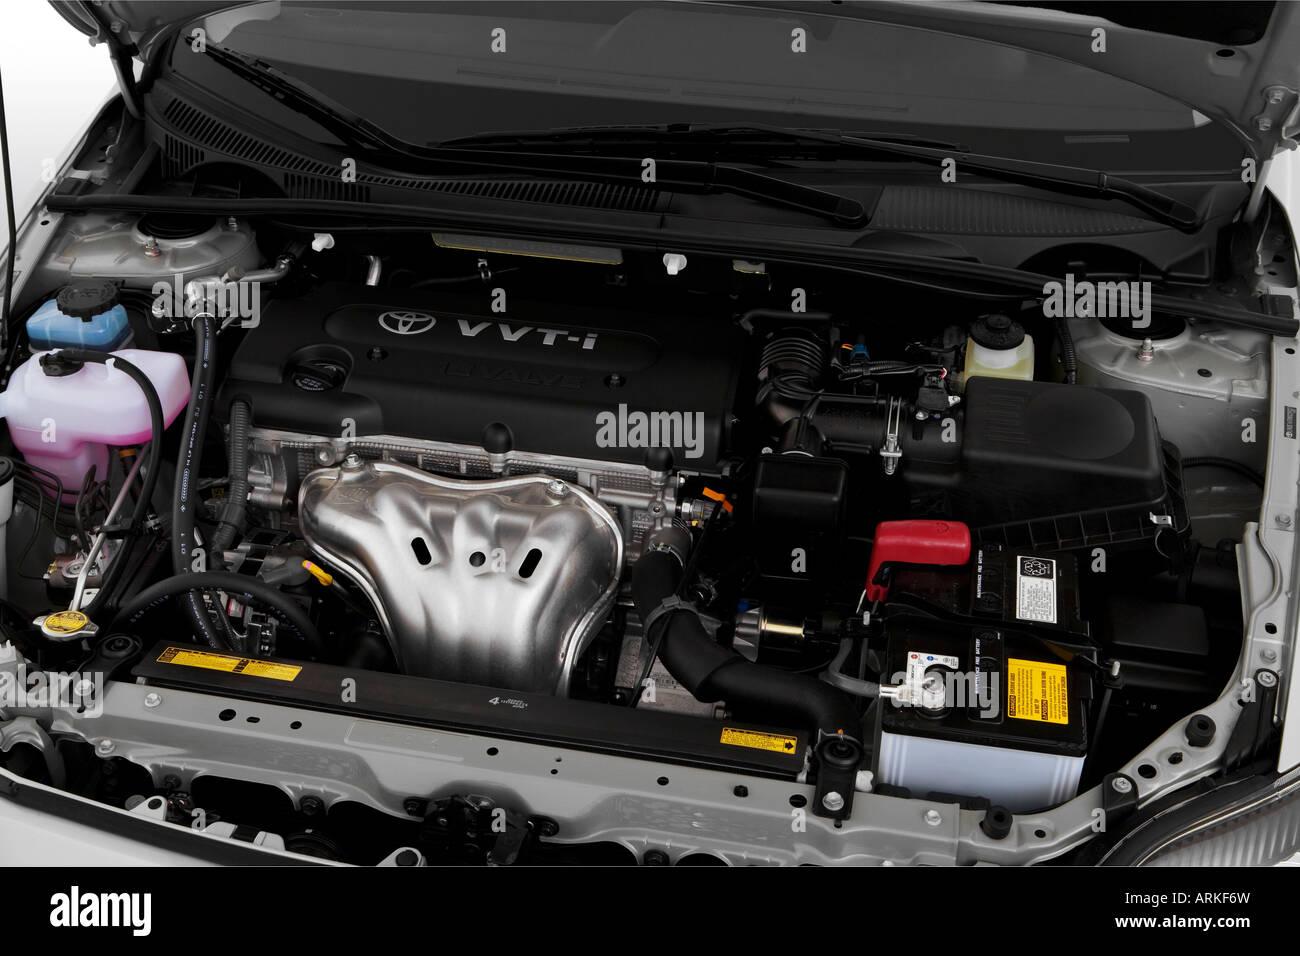 2008 Scion Tc In Silver Engine Stock Photo 16077120 Alamy